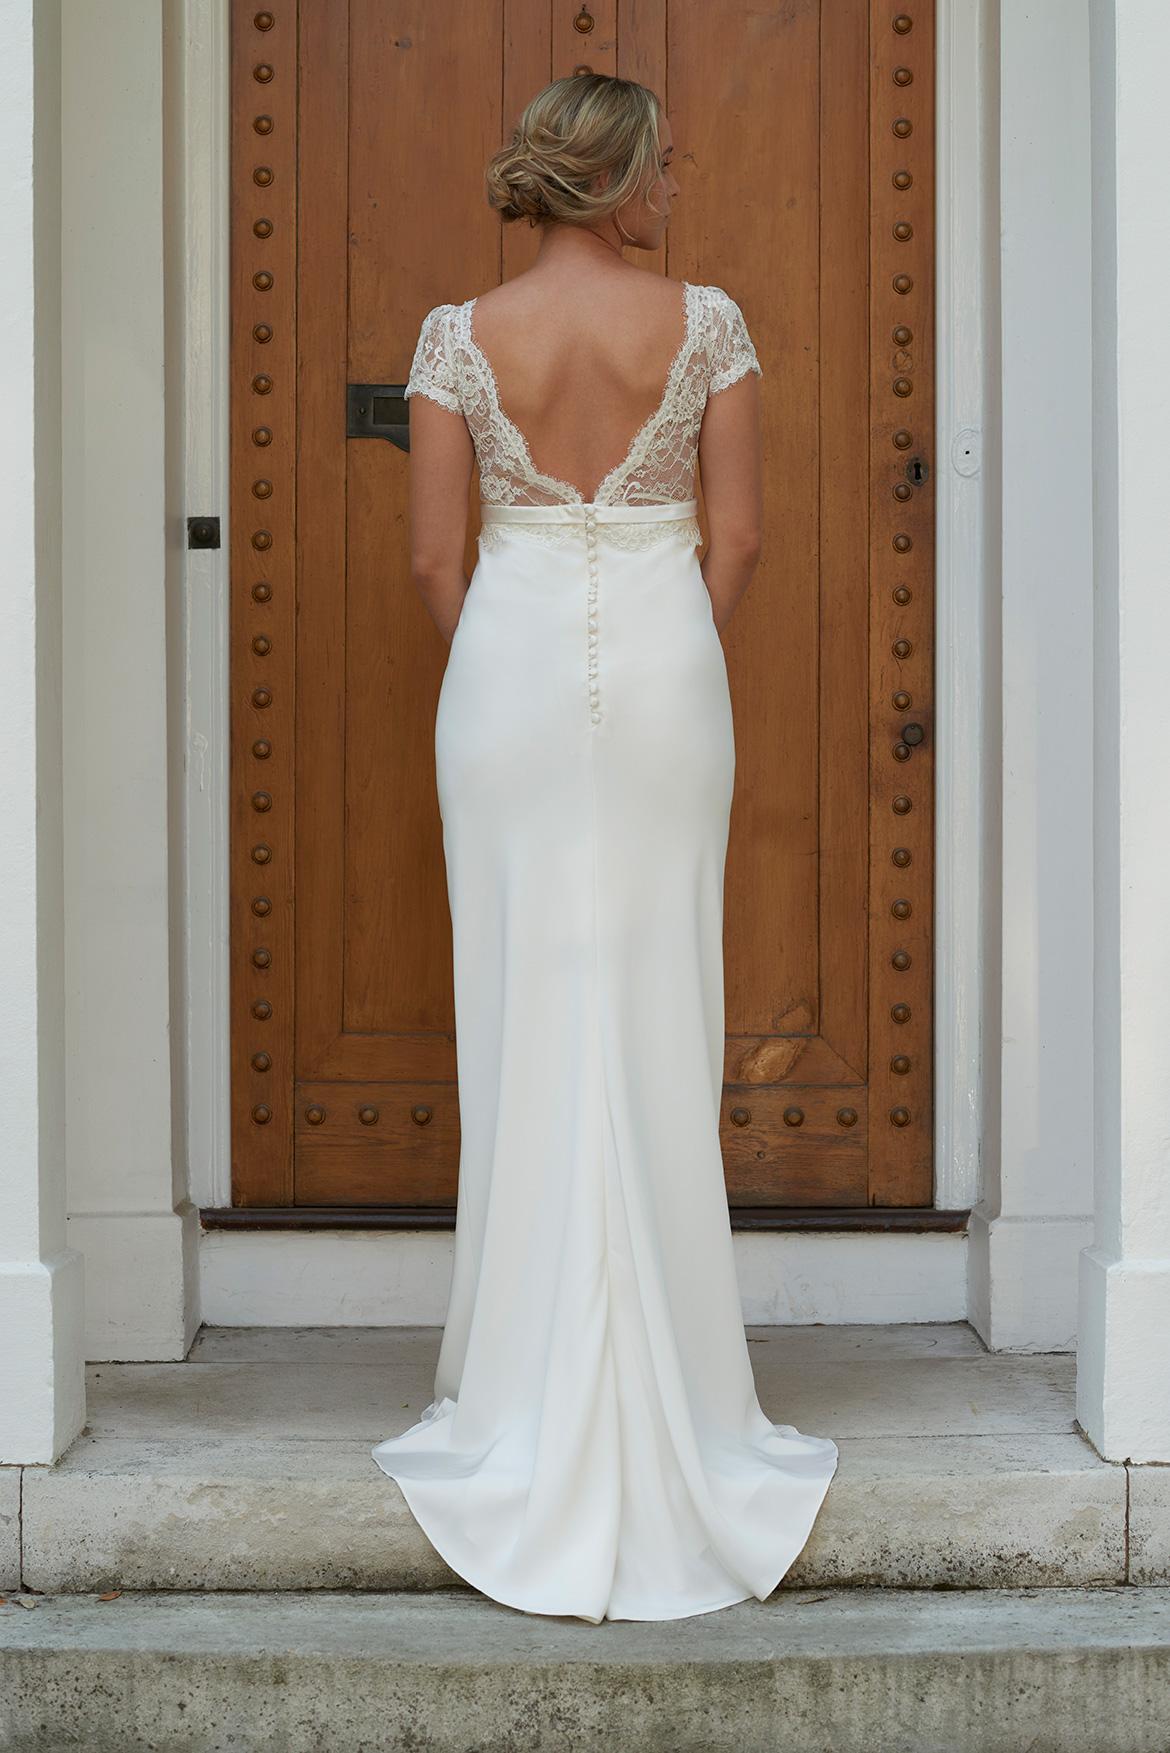 Lottie_dress_doorback-web.jpg